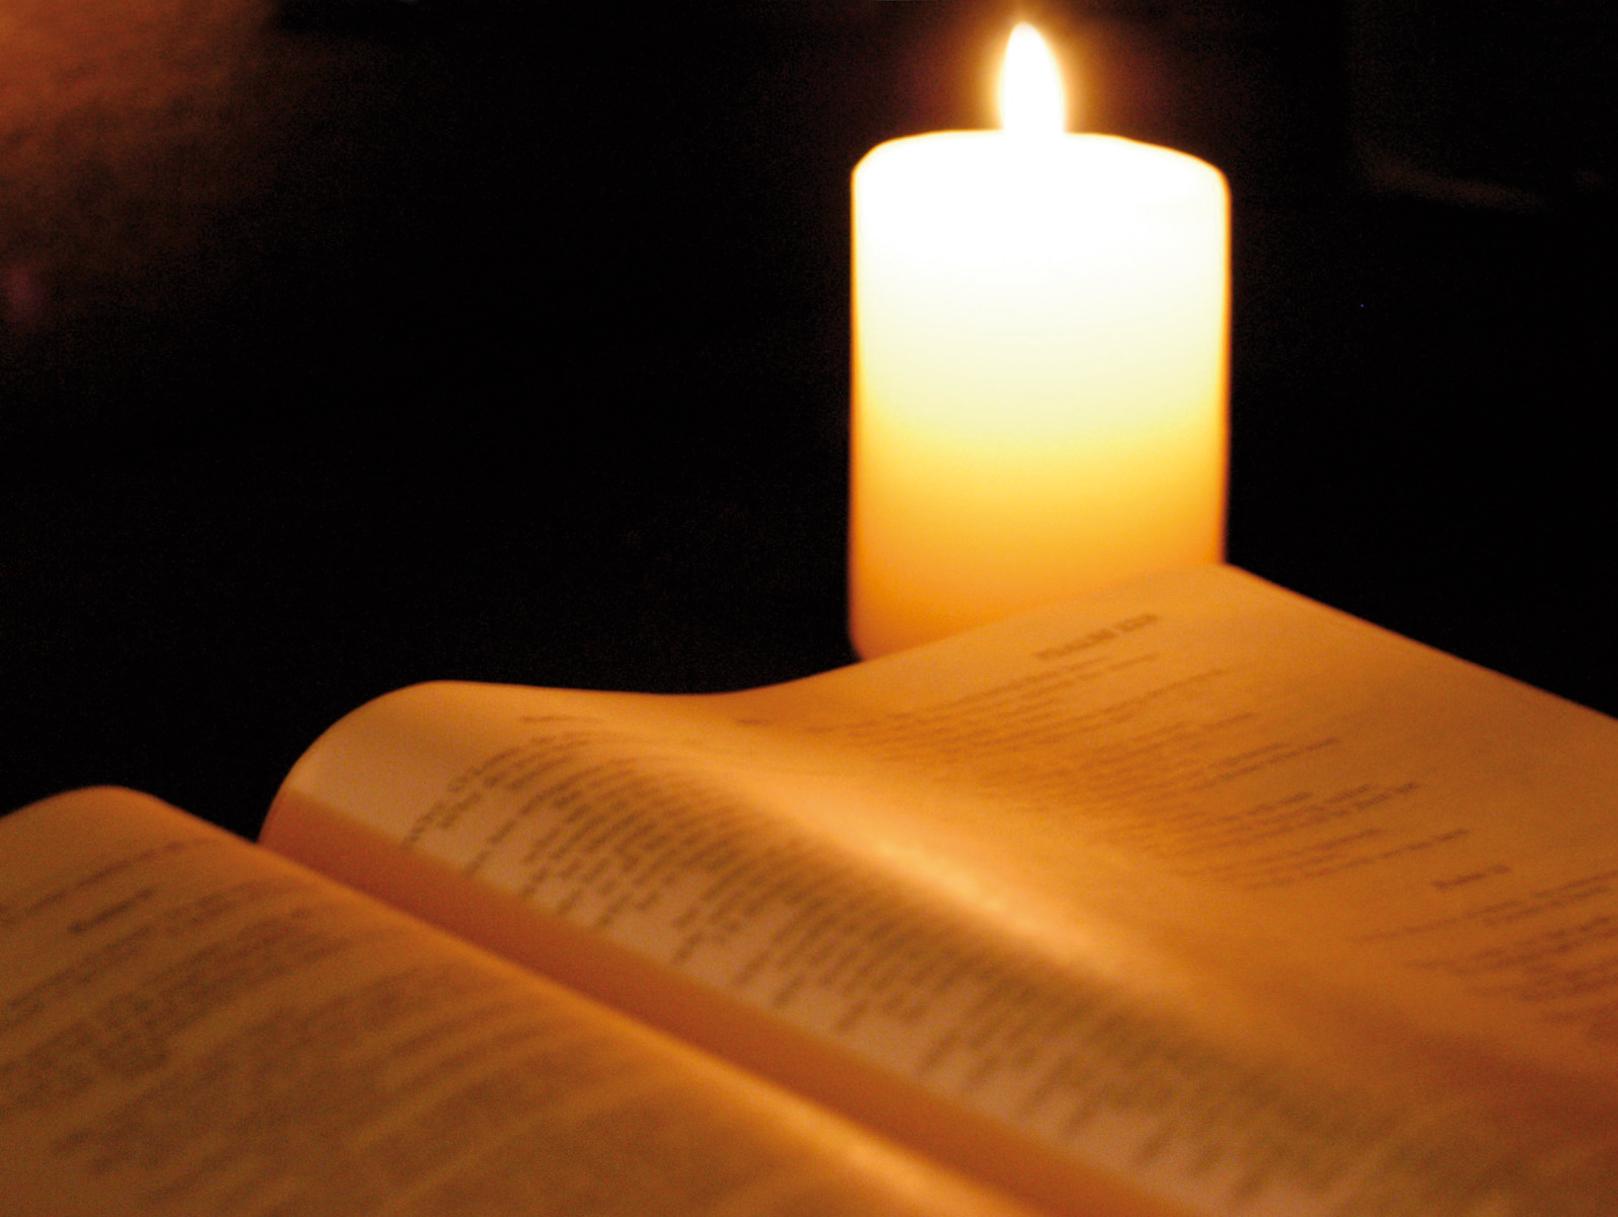 Con quale salmo ti conviene pregare oggi?